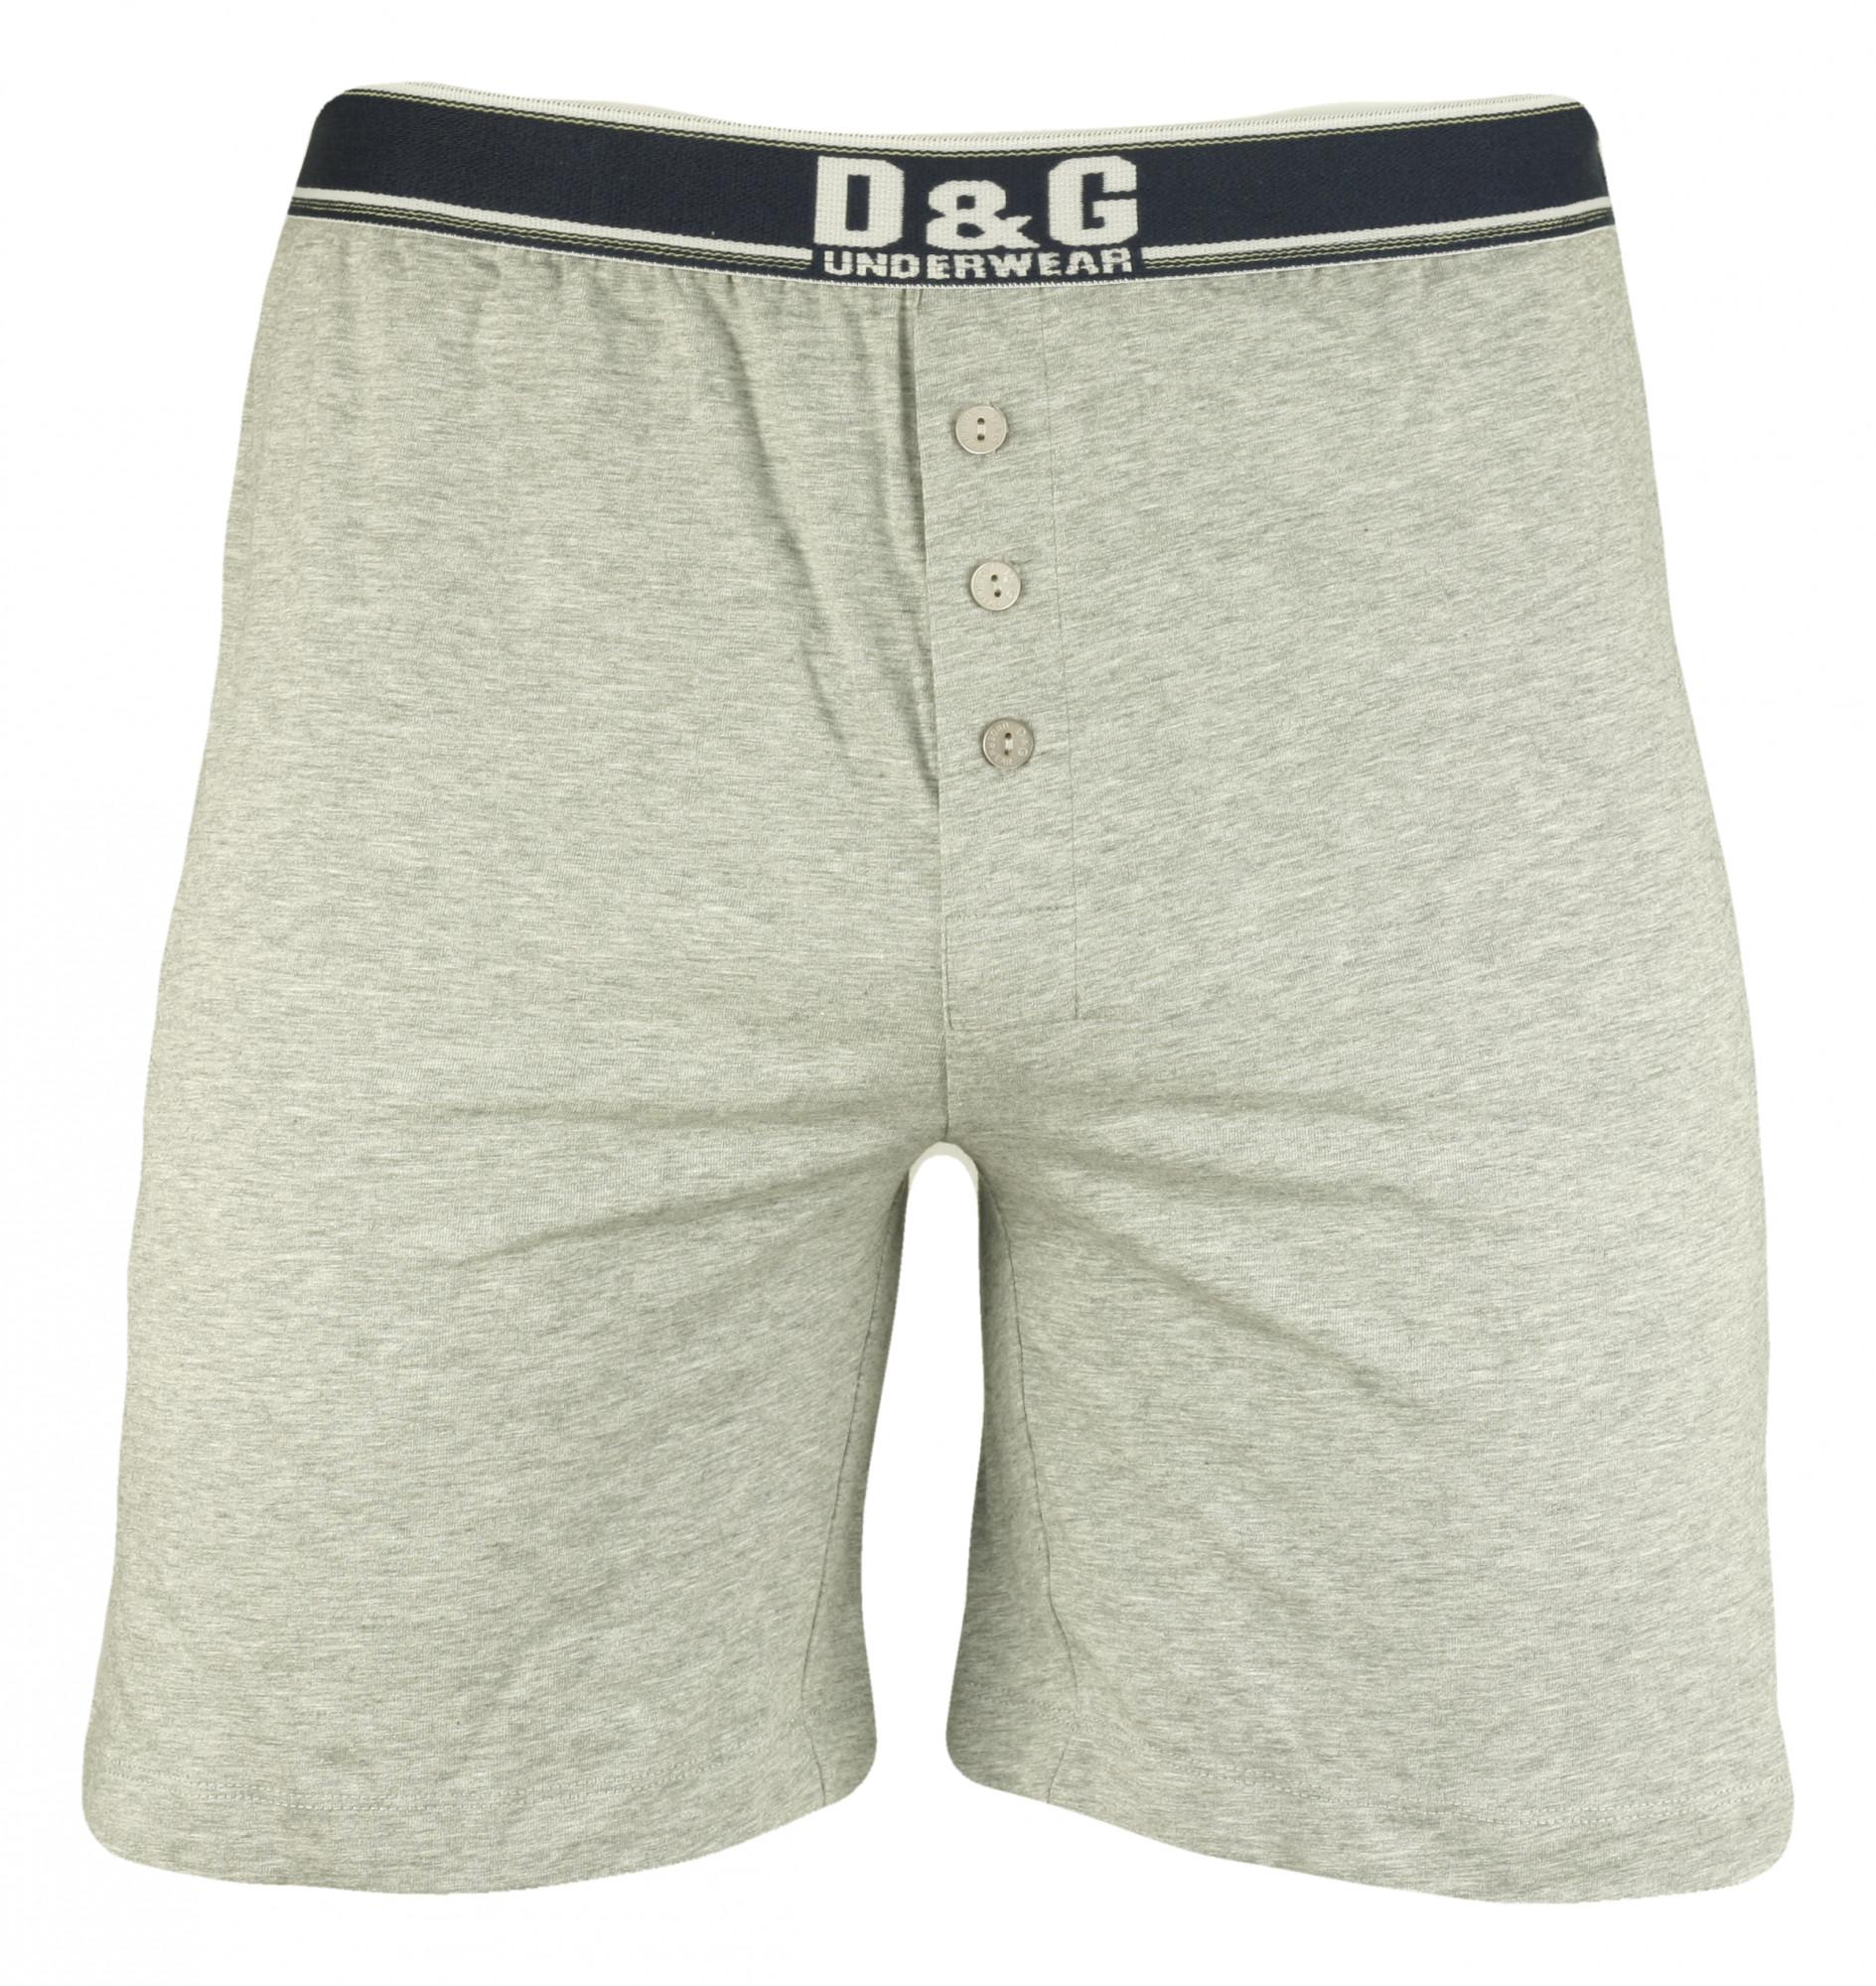 Pánské boxerky M30643 - Dolce Gabbana Barva: šedá, Velikost: L